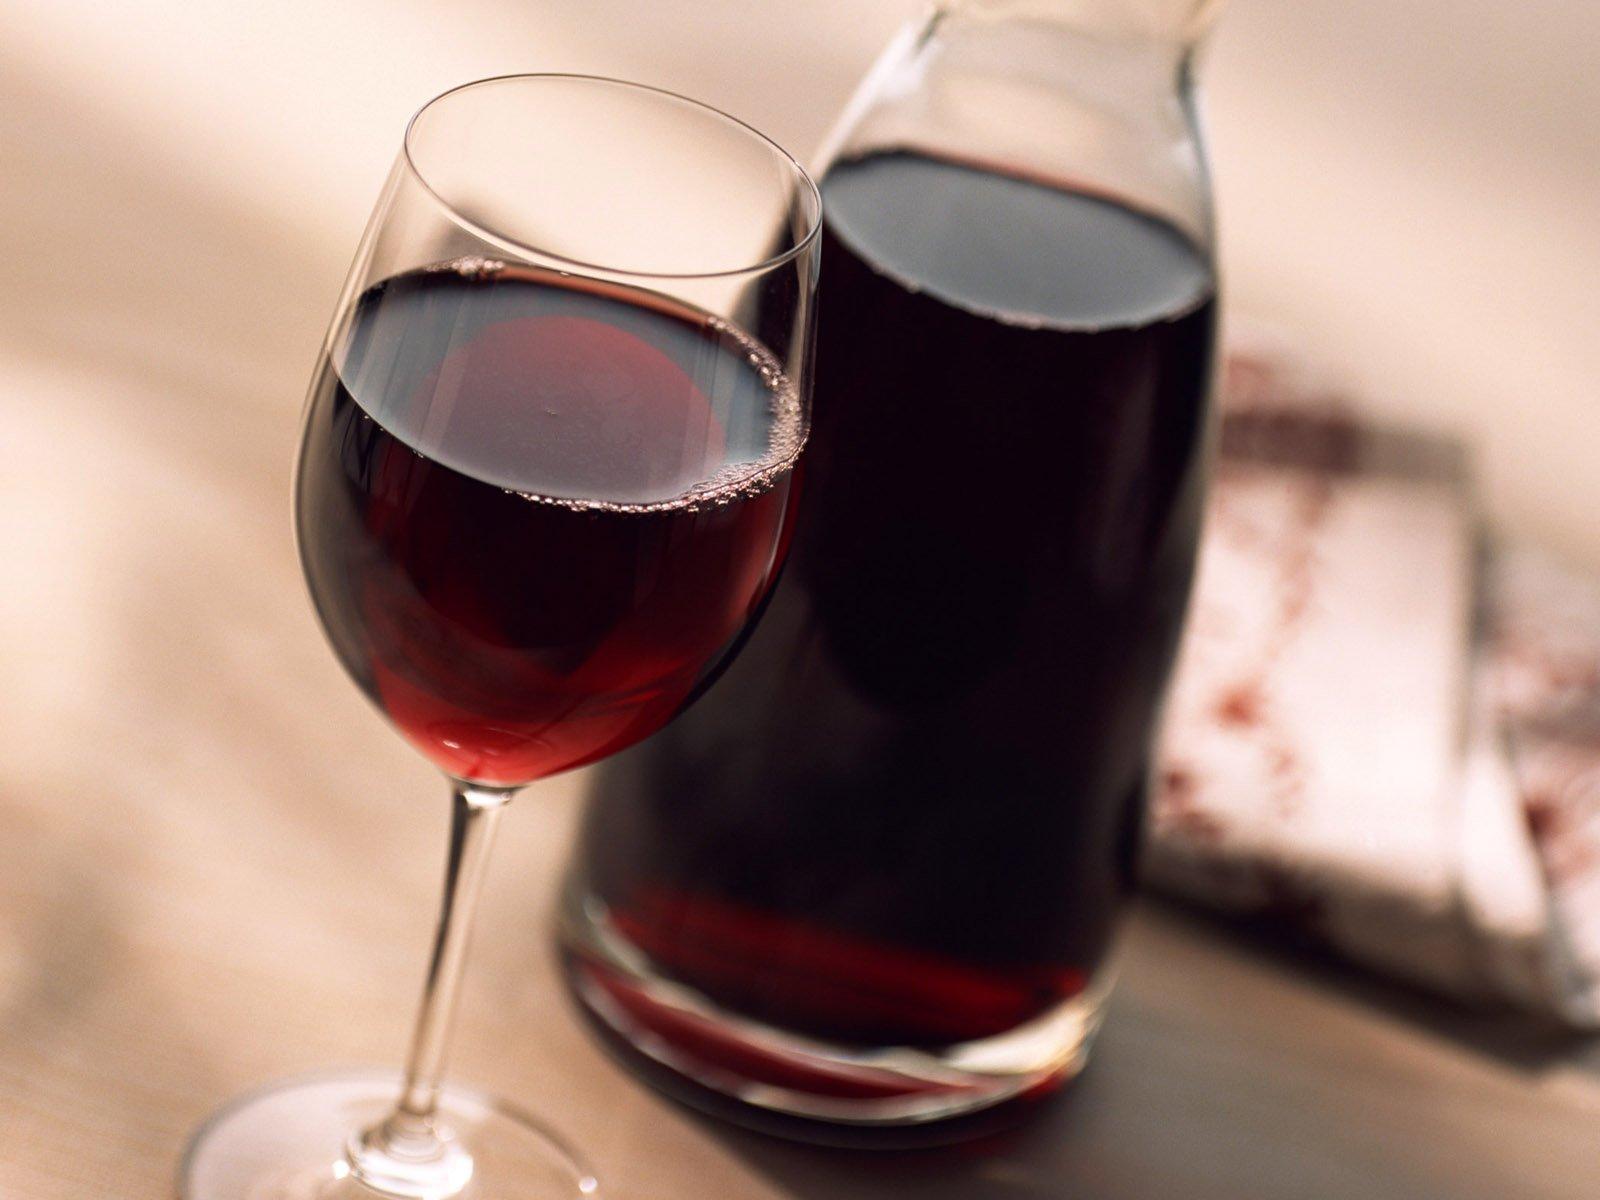 Домашнее вино из старого варенья изоражения